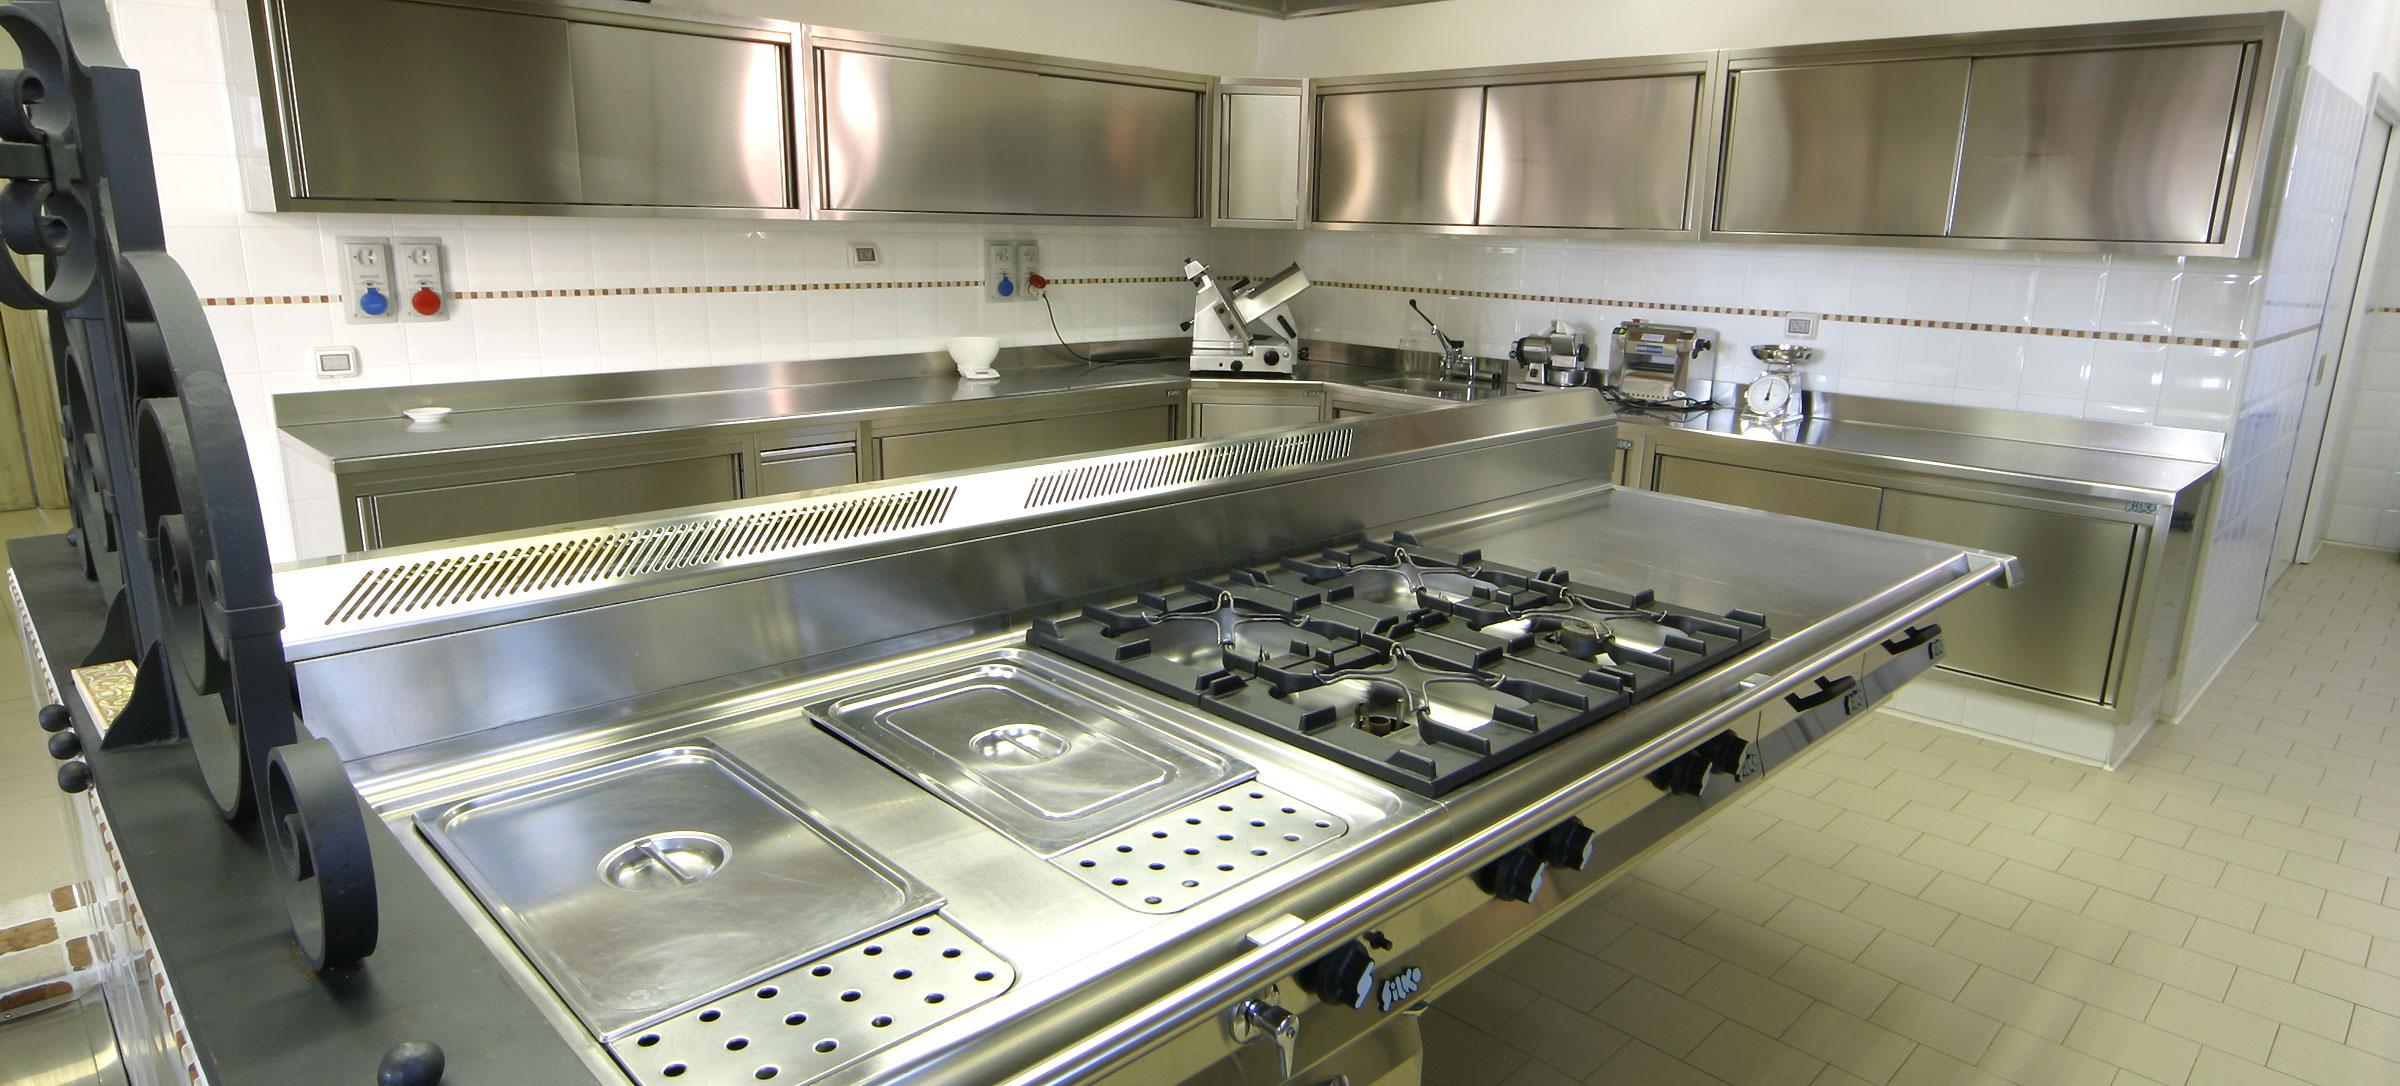 Cucine per ristoranti | Progettazione e arredamento cucine professionali